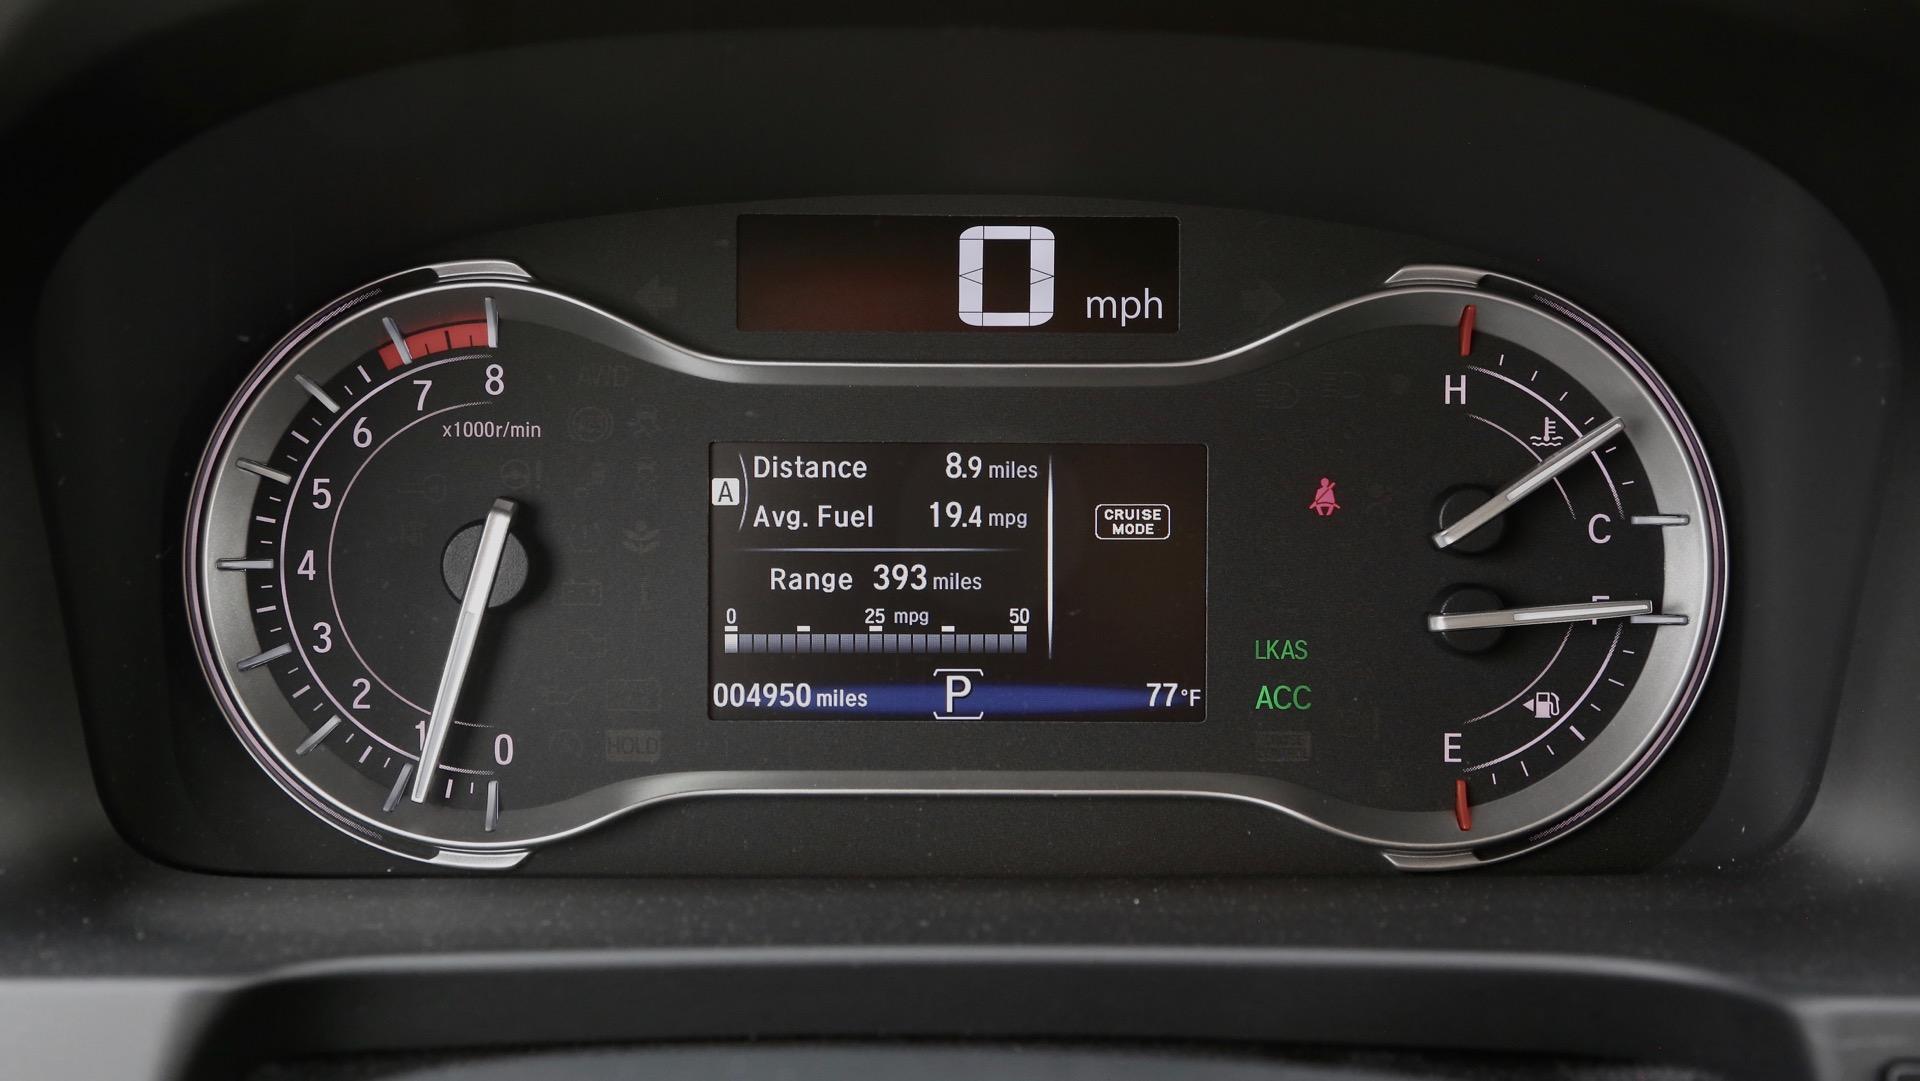 Колку се разликува потрошувачката на гориво на патниот компјутер од реалната потрошувачка